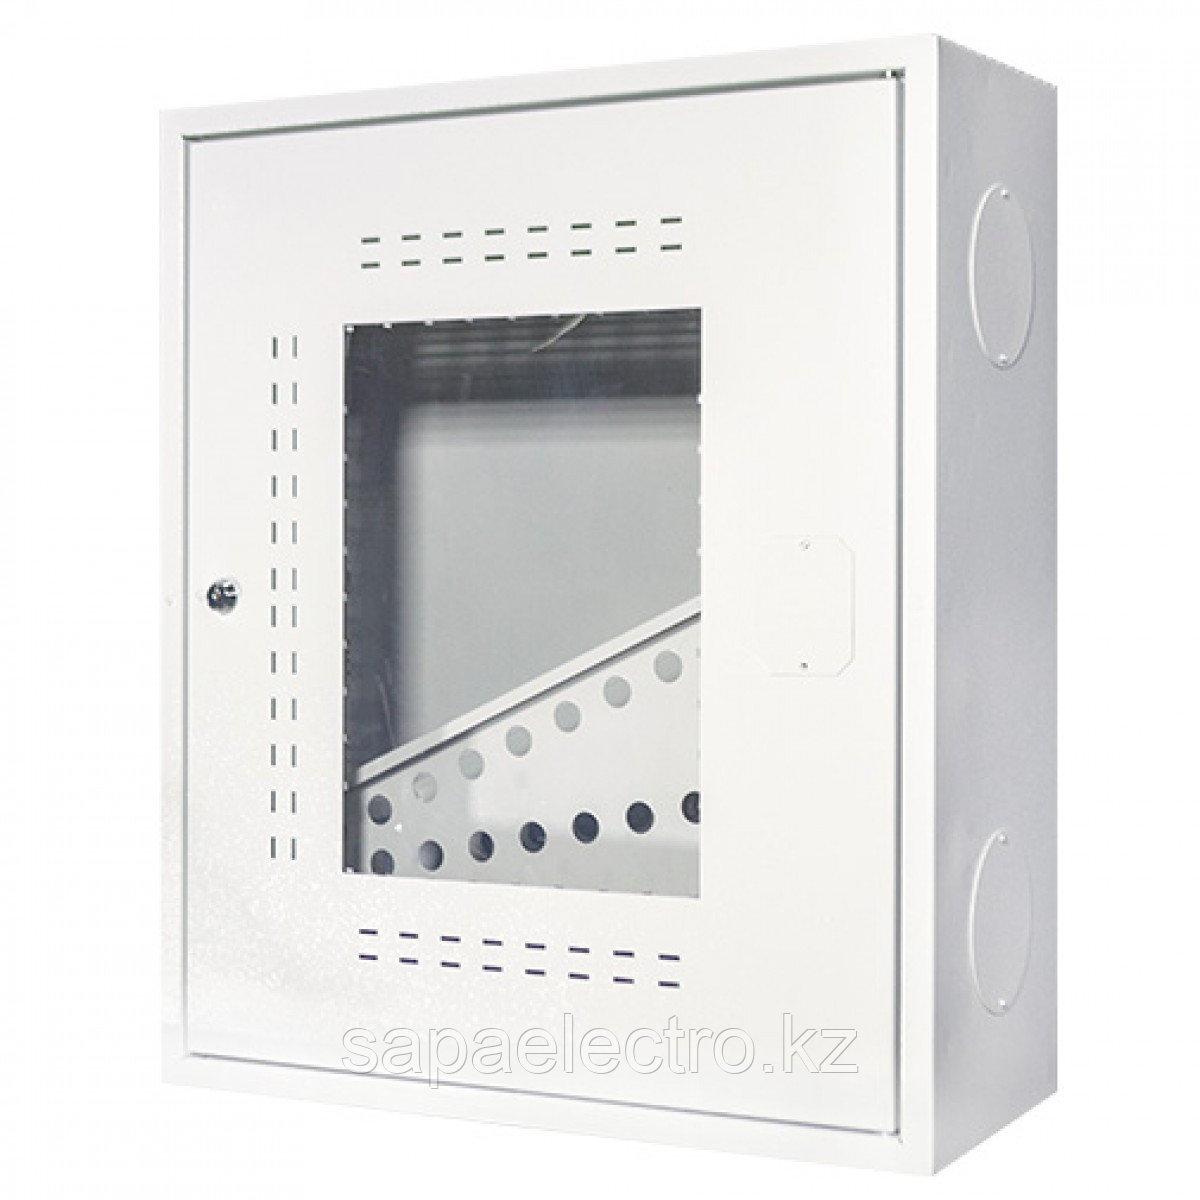 Метал.Щит Пожарный Серый (650x540x230) S/U MGL(TS)